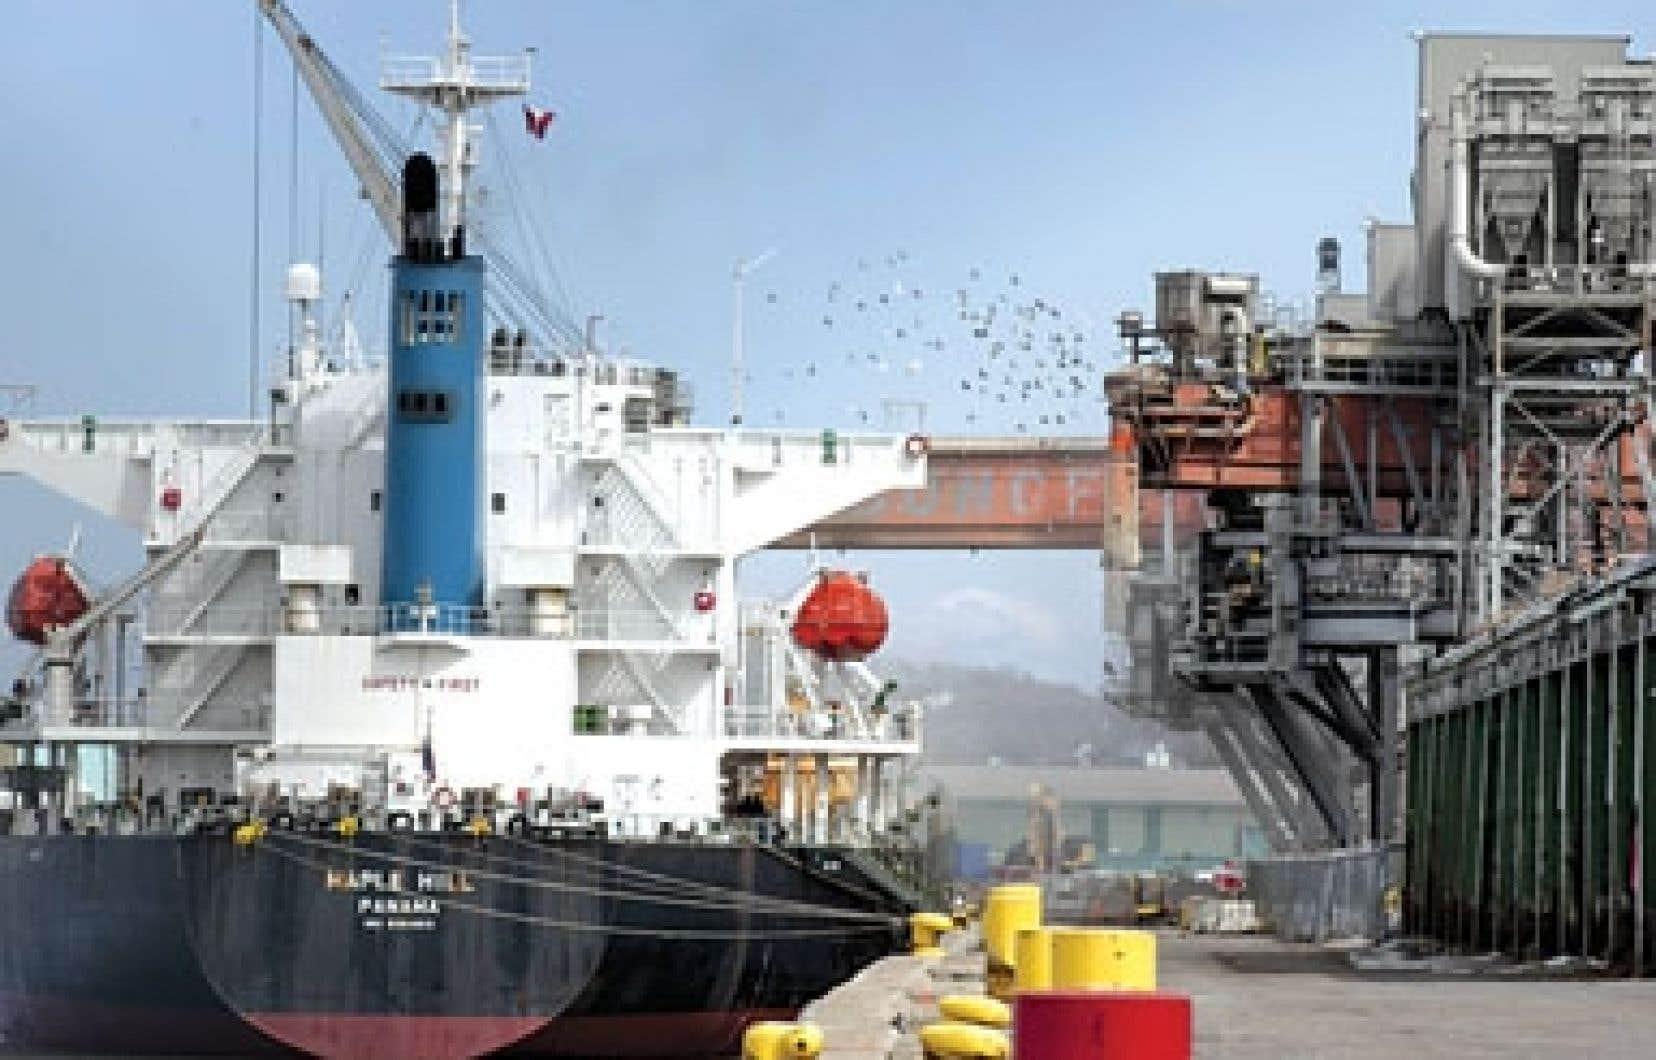 Le plan de la compagnie prévoyait notamment l'installation de nouveaux canons à eau pour limiter la formation de poussières quand les minerais sont extraits des bateaux.